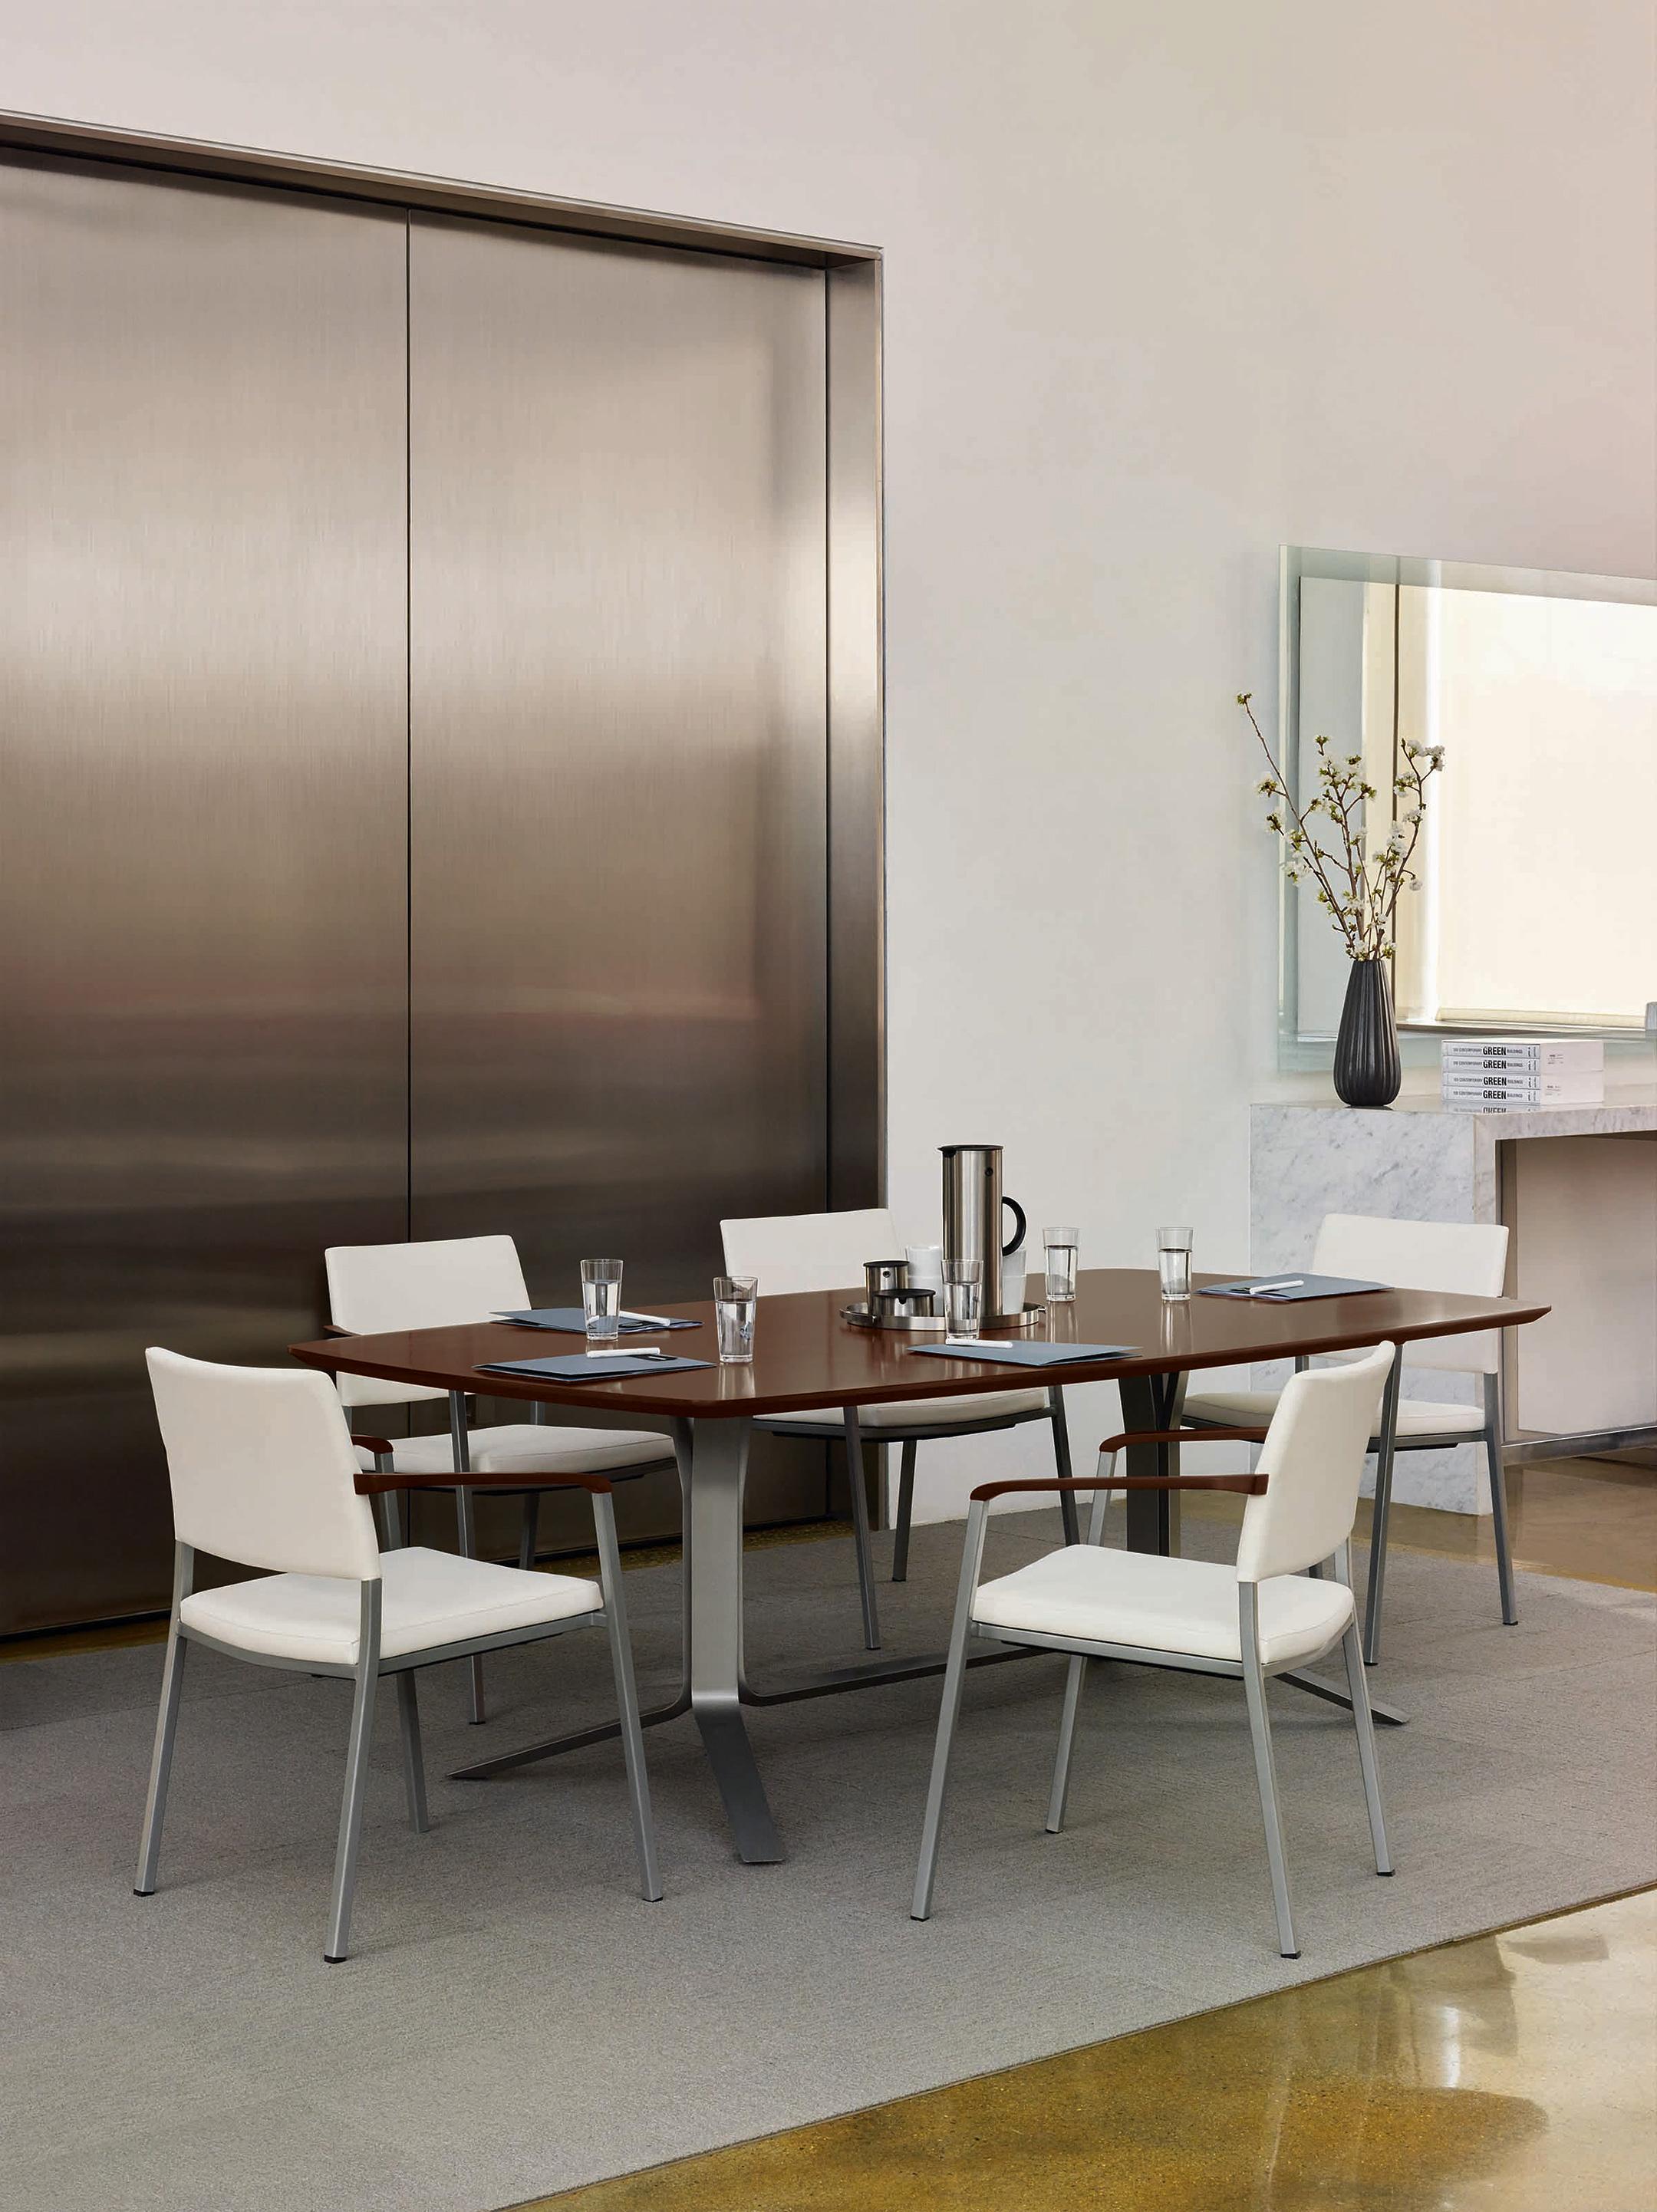 RMD_Vero-Meeting-Table_2160.jpg